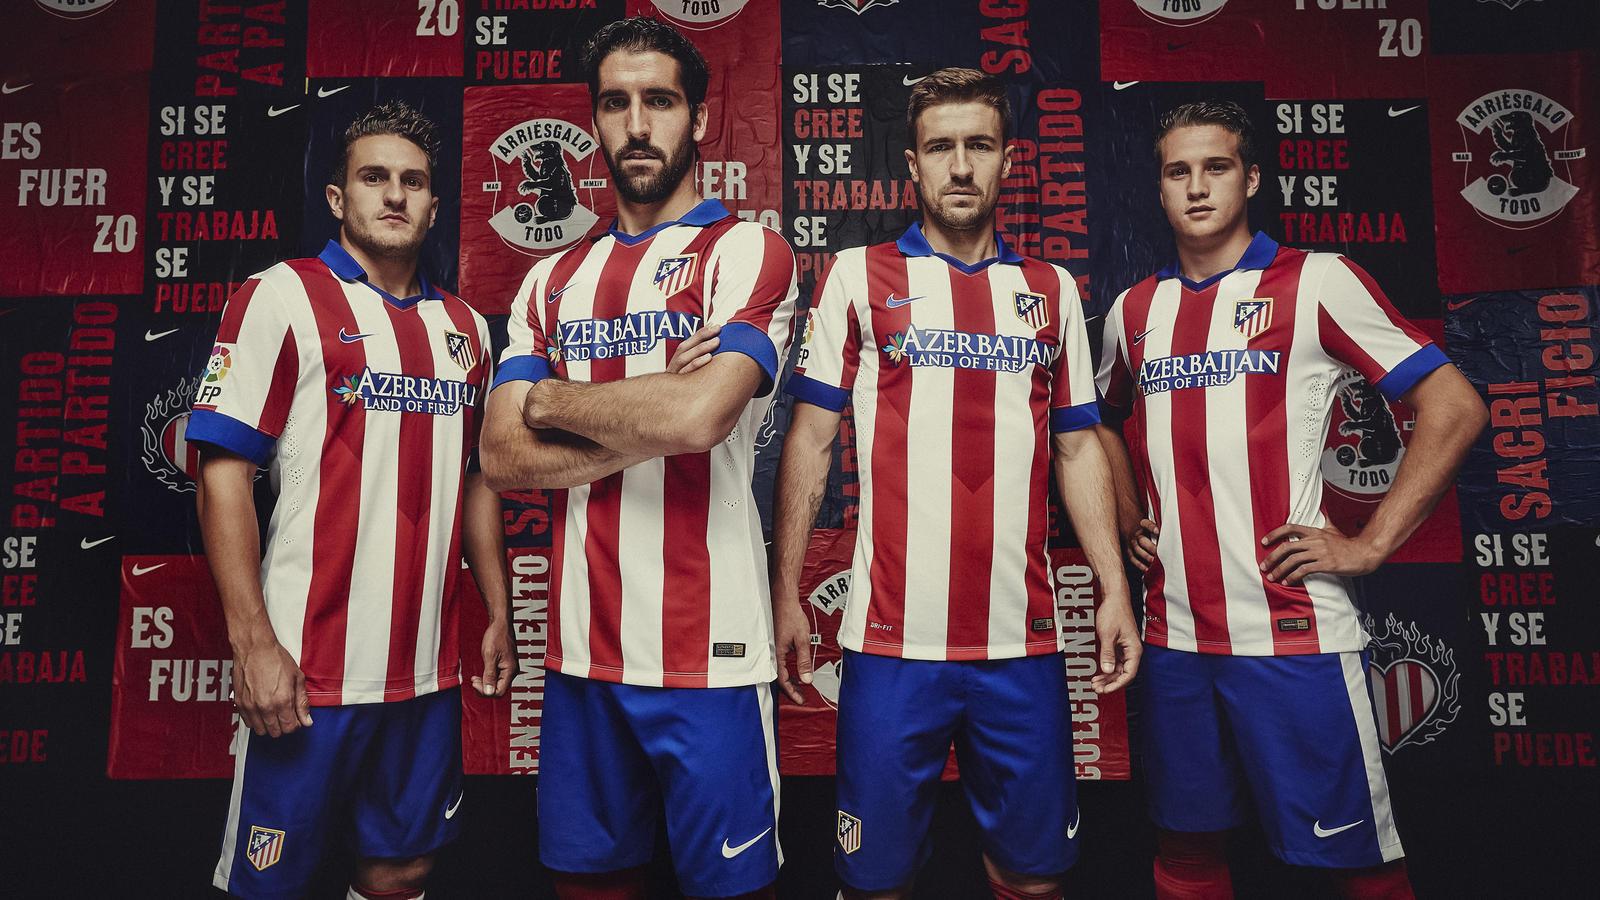 Intercambiar Intención Marinero  Patrocinadores de los equipos de La Liga: Atlético de Madrid – La Jugada  Financiera